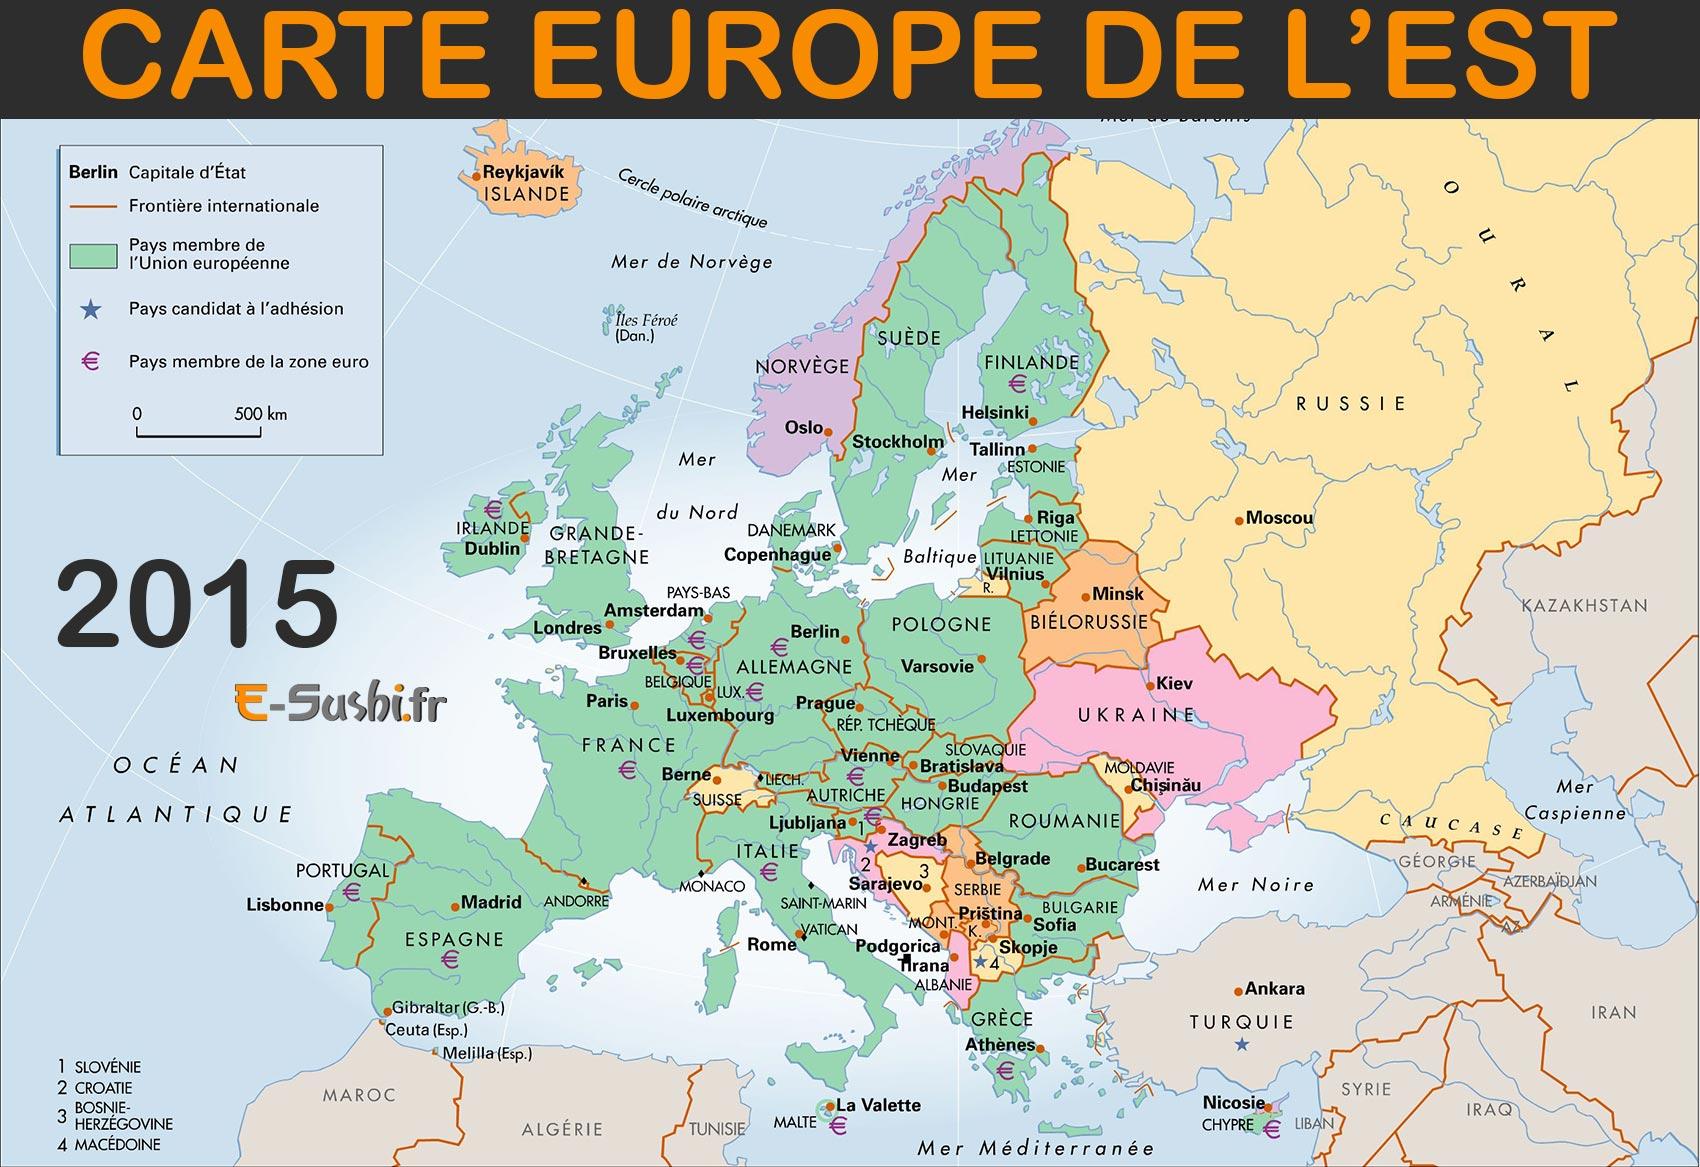 Carte Europe De L'est - Images Et Photos - Arts Et Voyages concernant Carte Europe Capitale